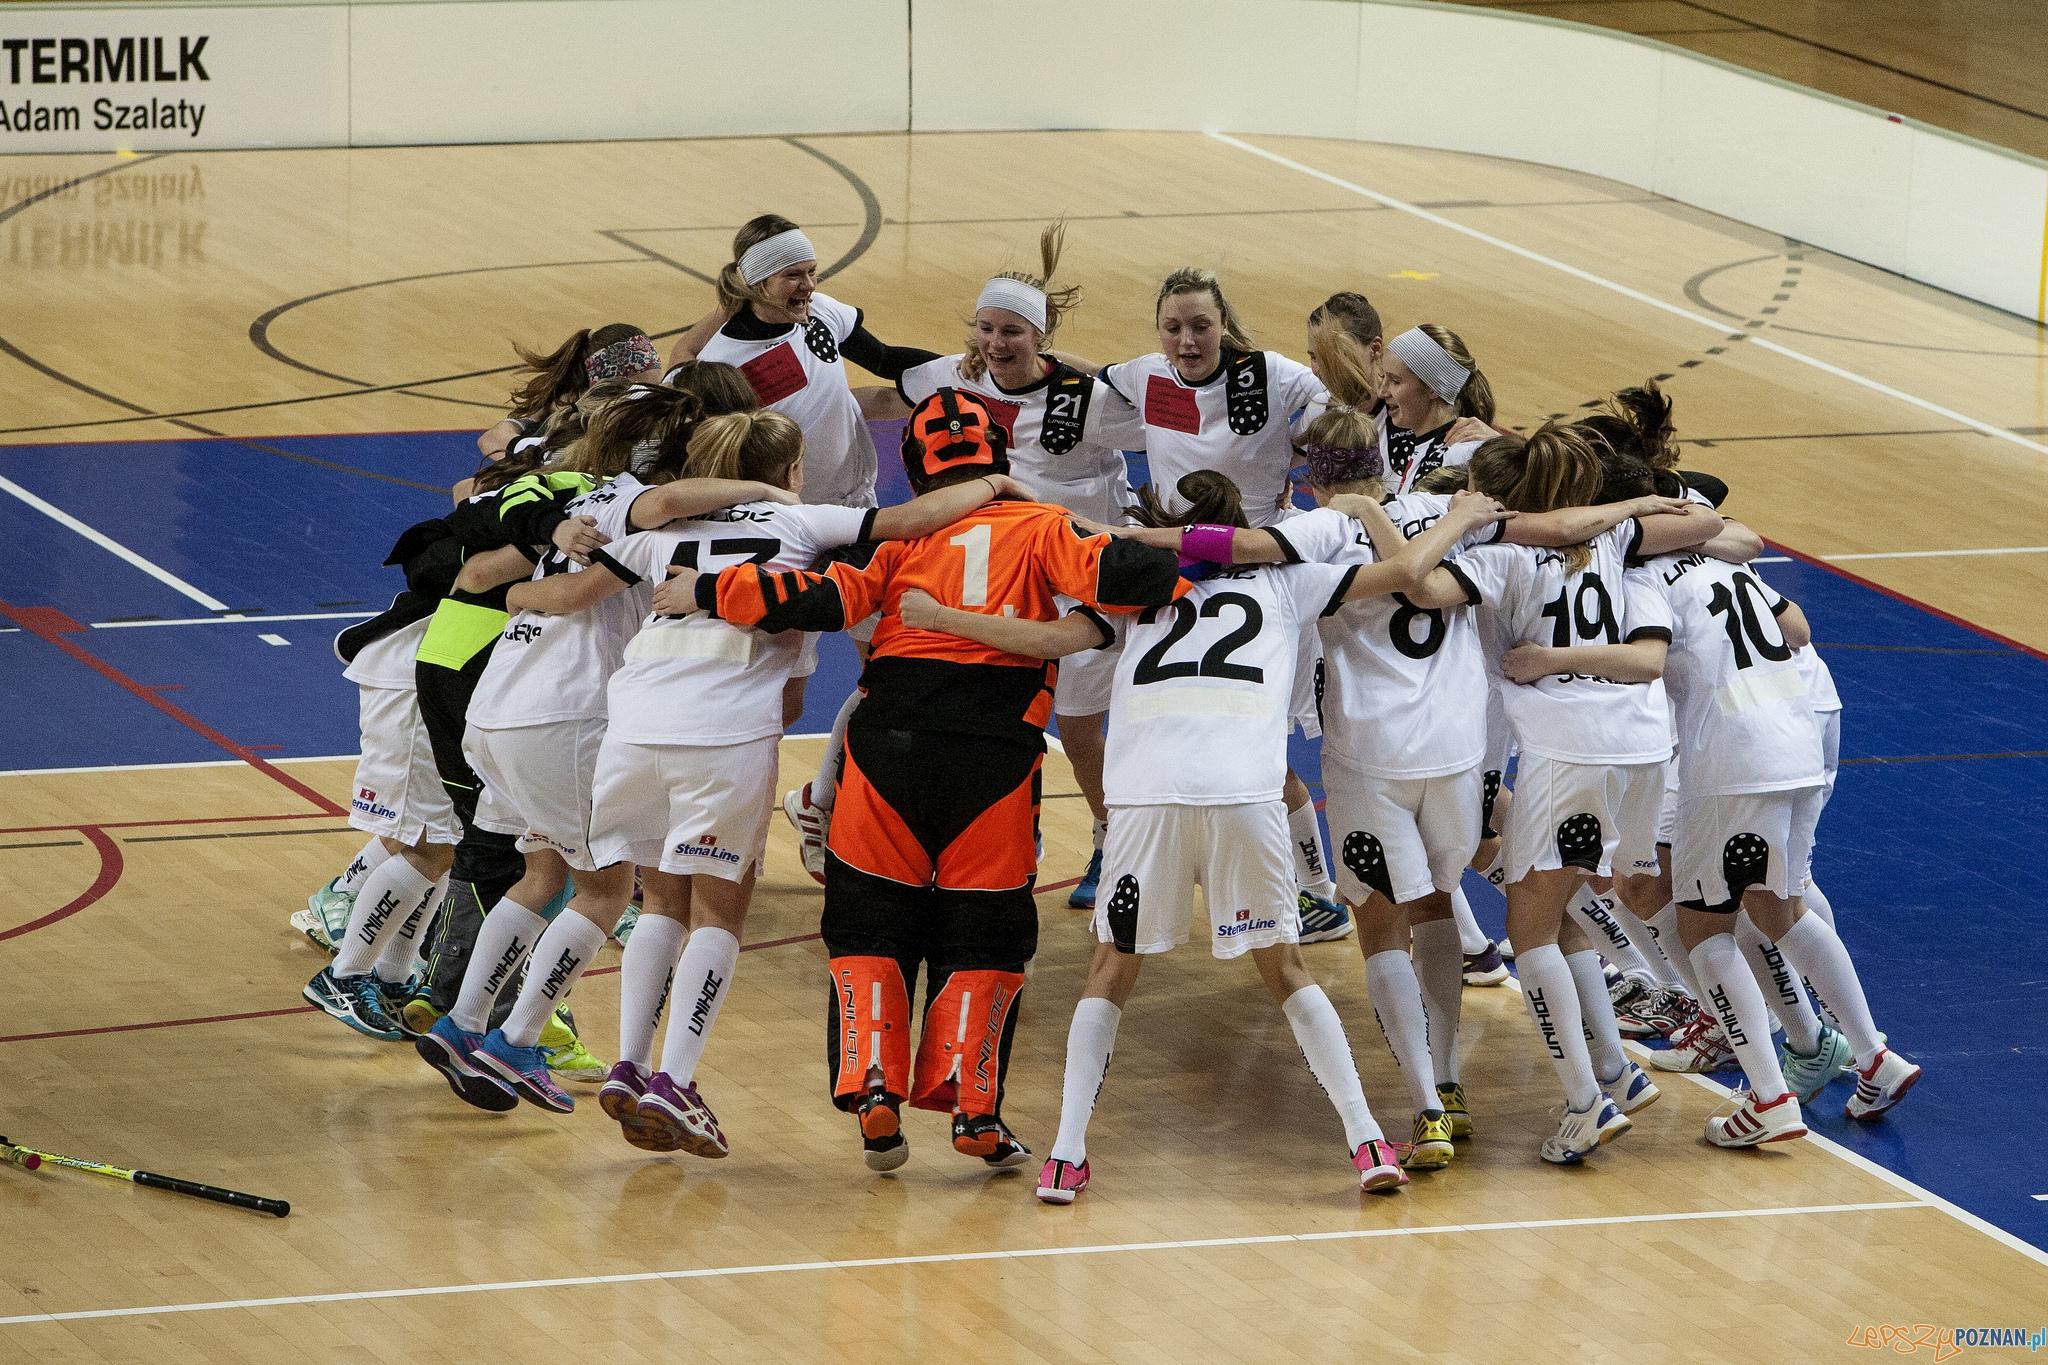 Eliminacje Mistrzostw Świata  Foto: materiały prasowe